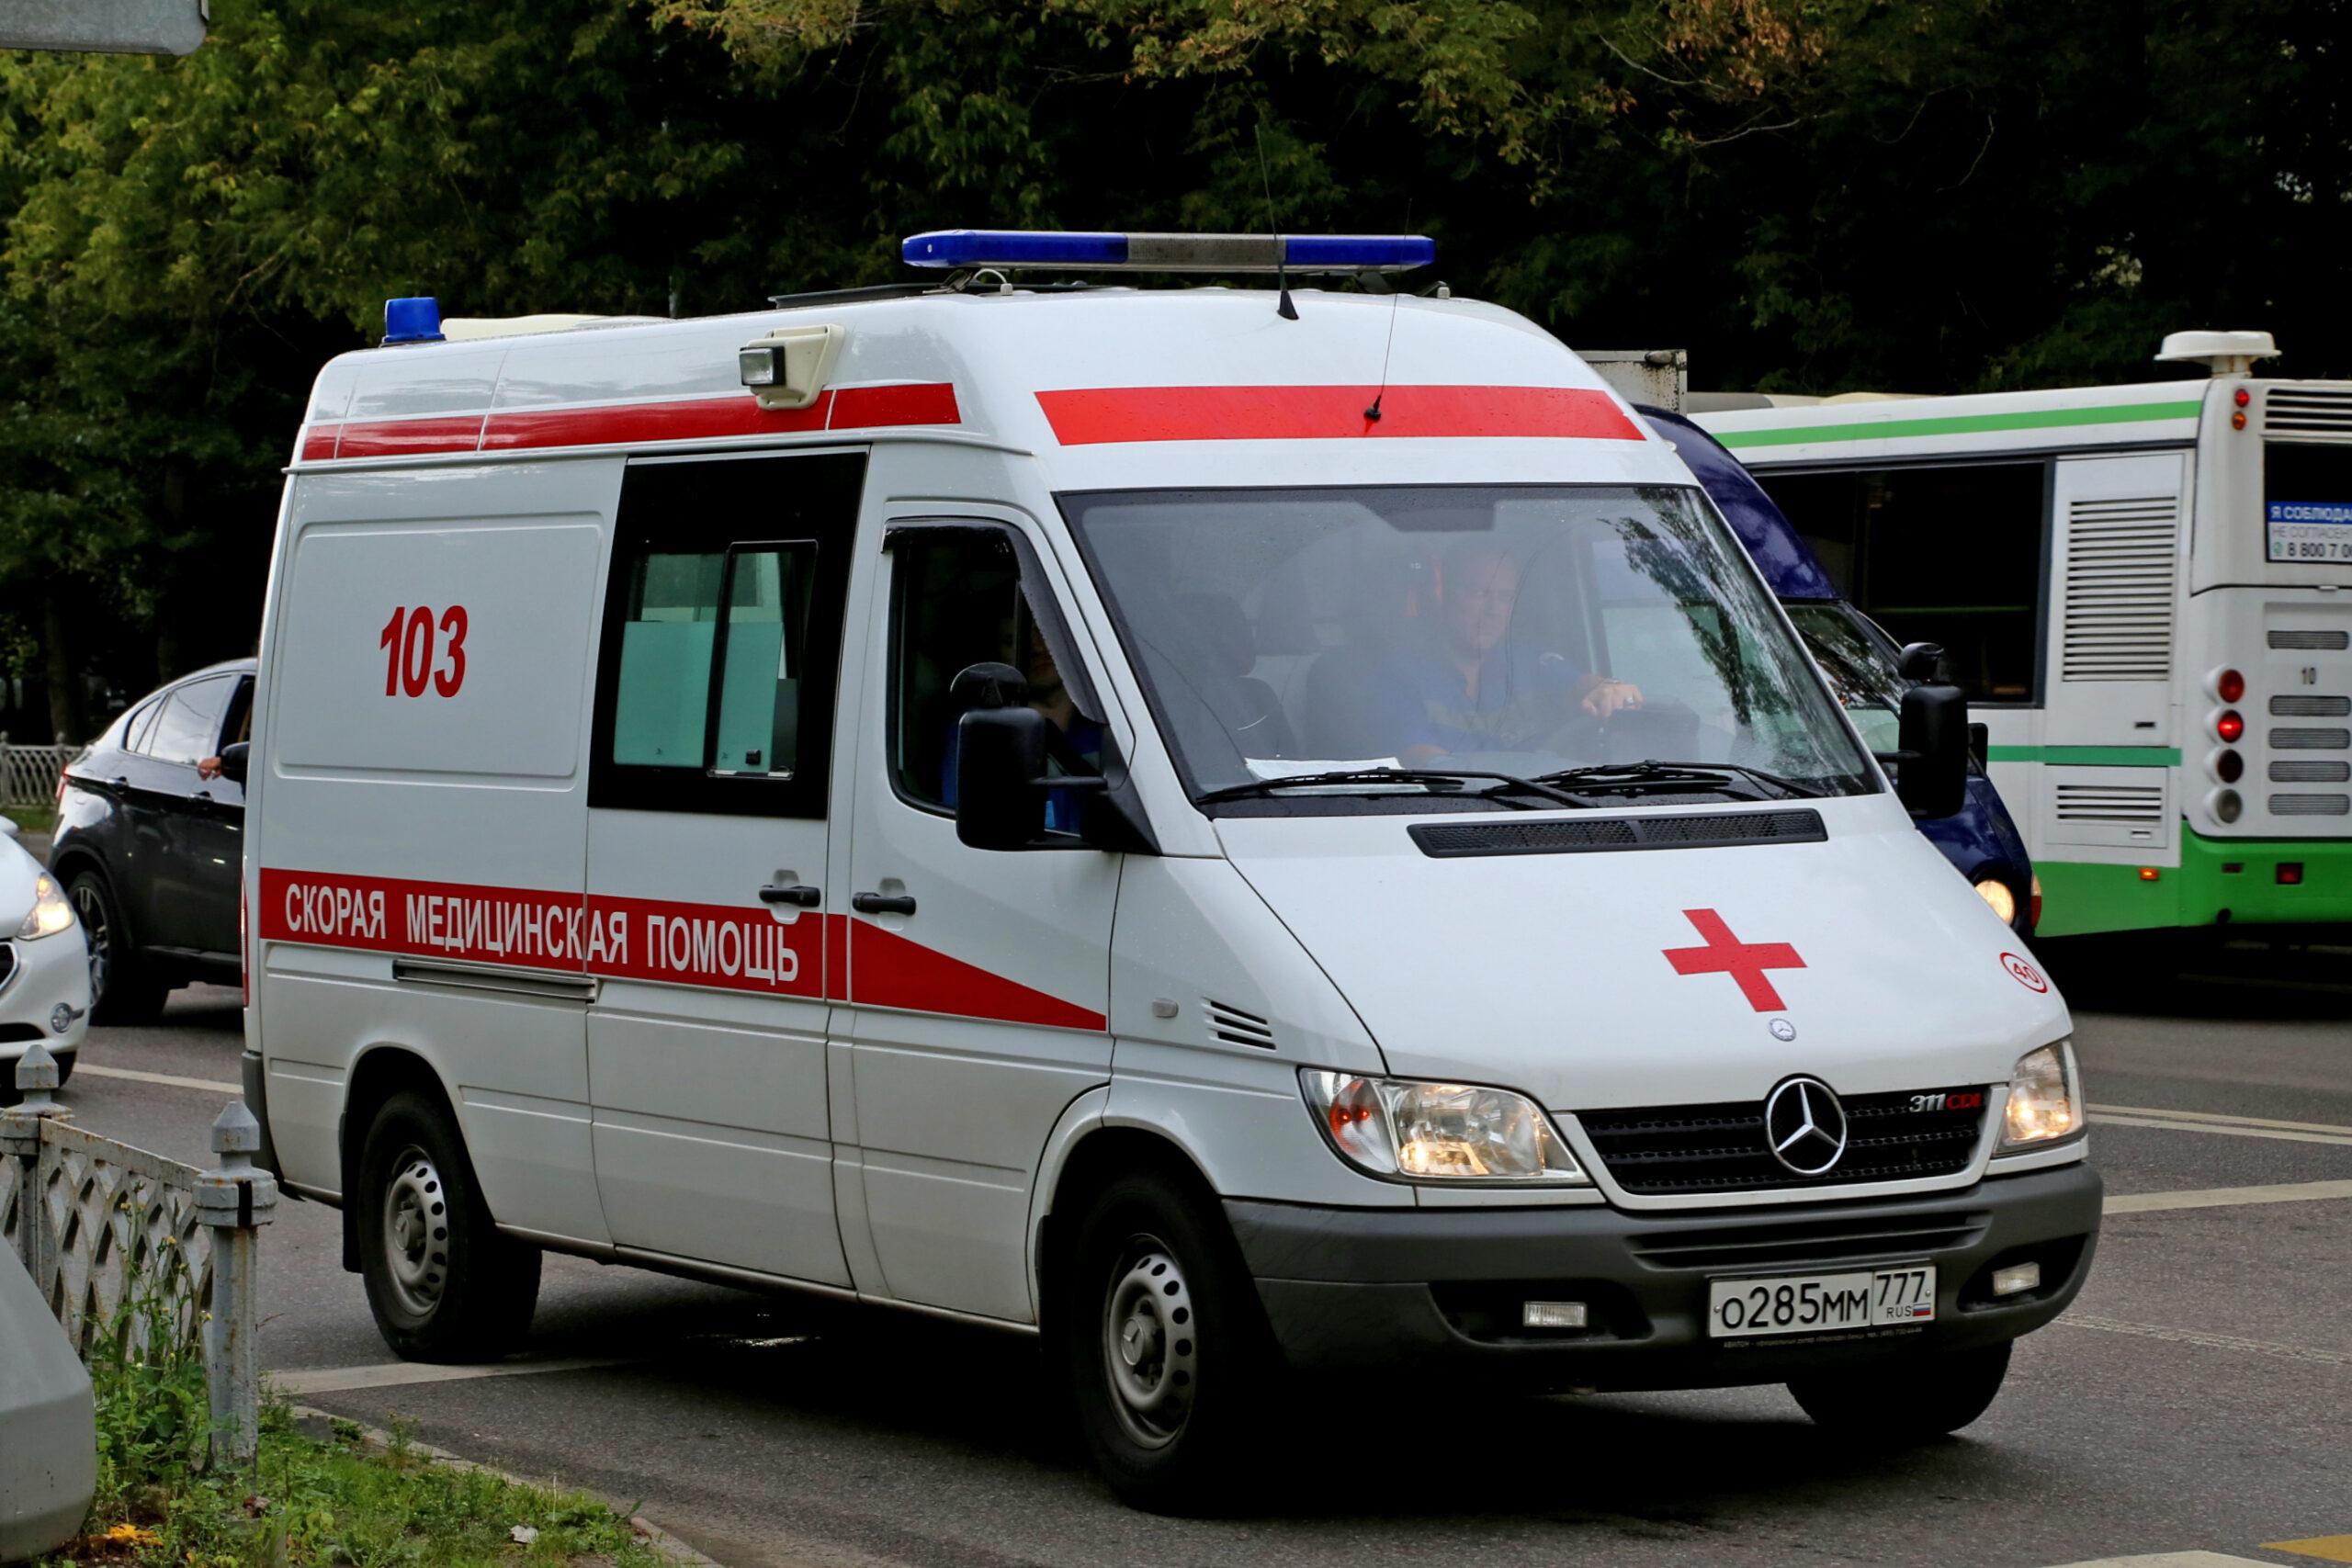 В Архангельске напали с пистолетом на фельдшера скорой помощи